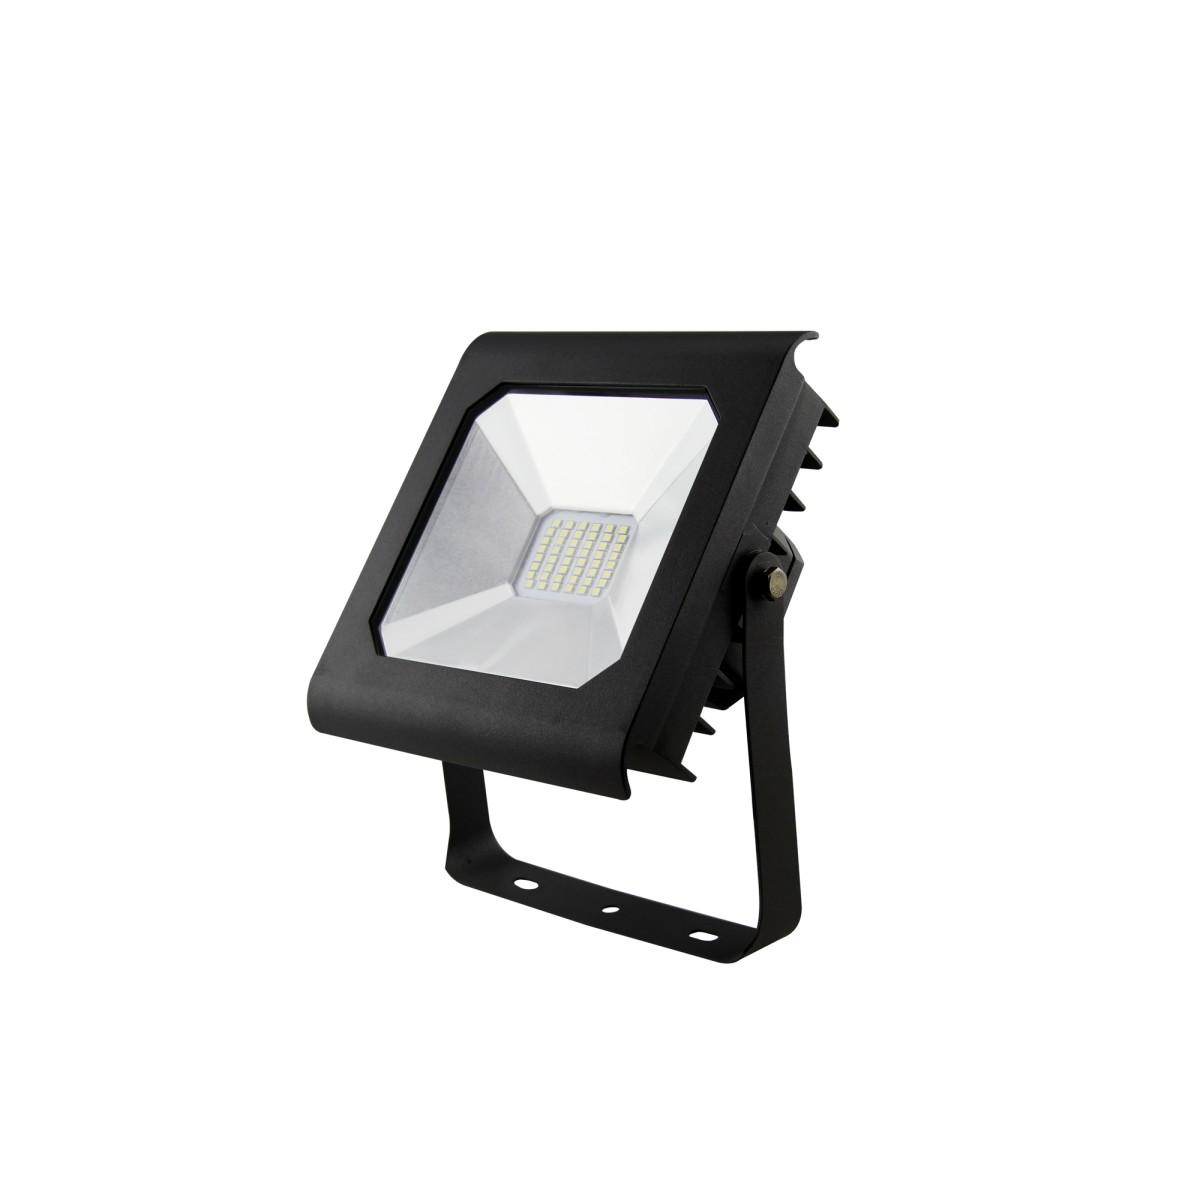 Прожектор уличный светодиодный Эра Pro Б0028654 2700 К 30 Вт IP65 700 Лм